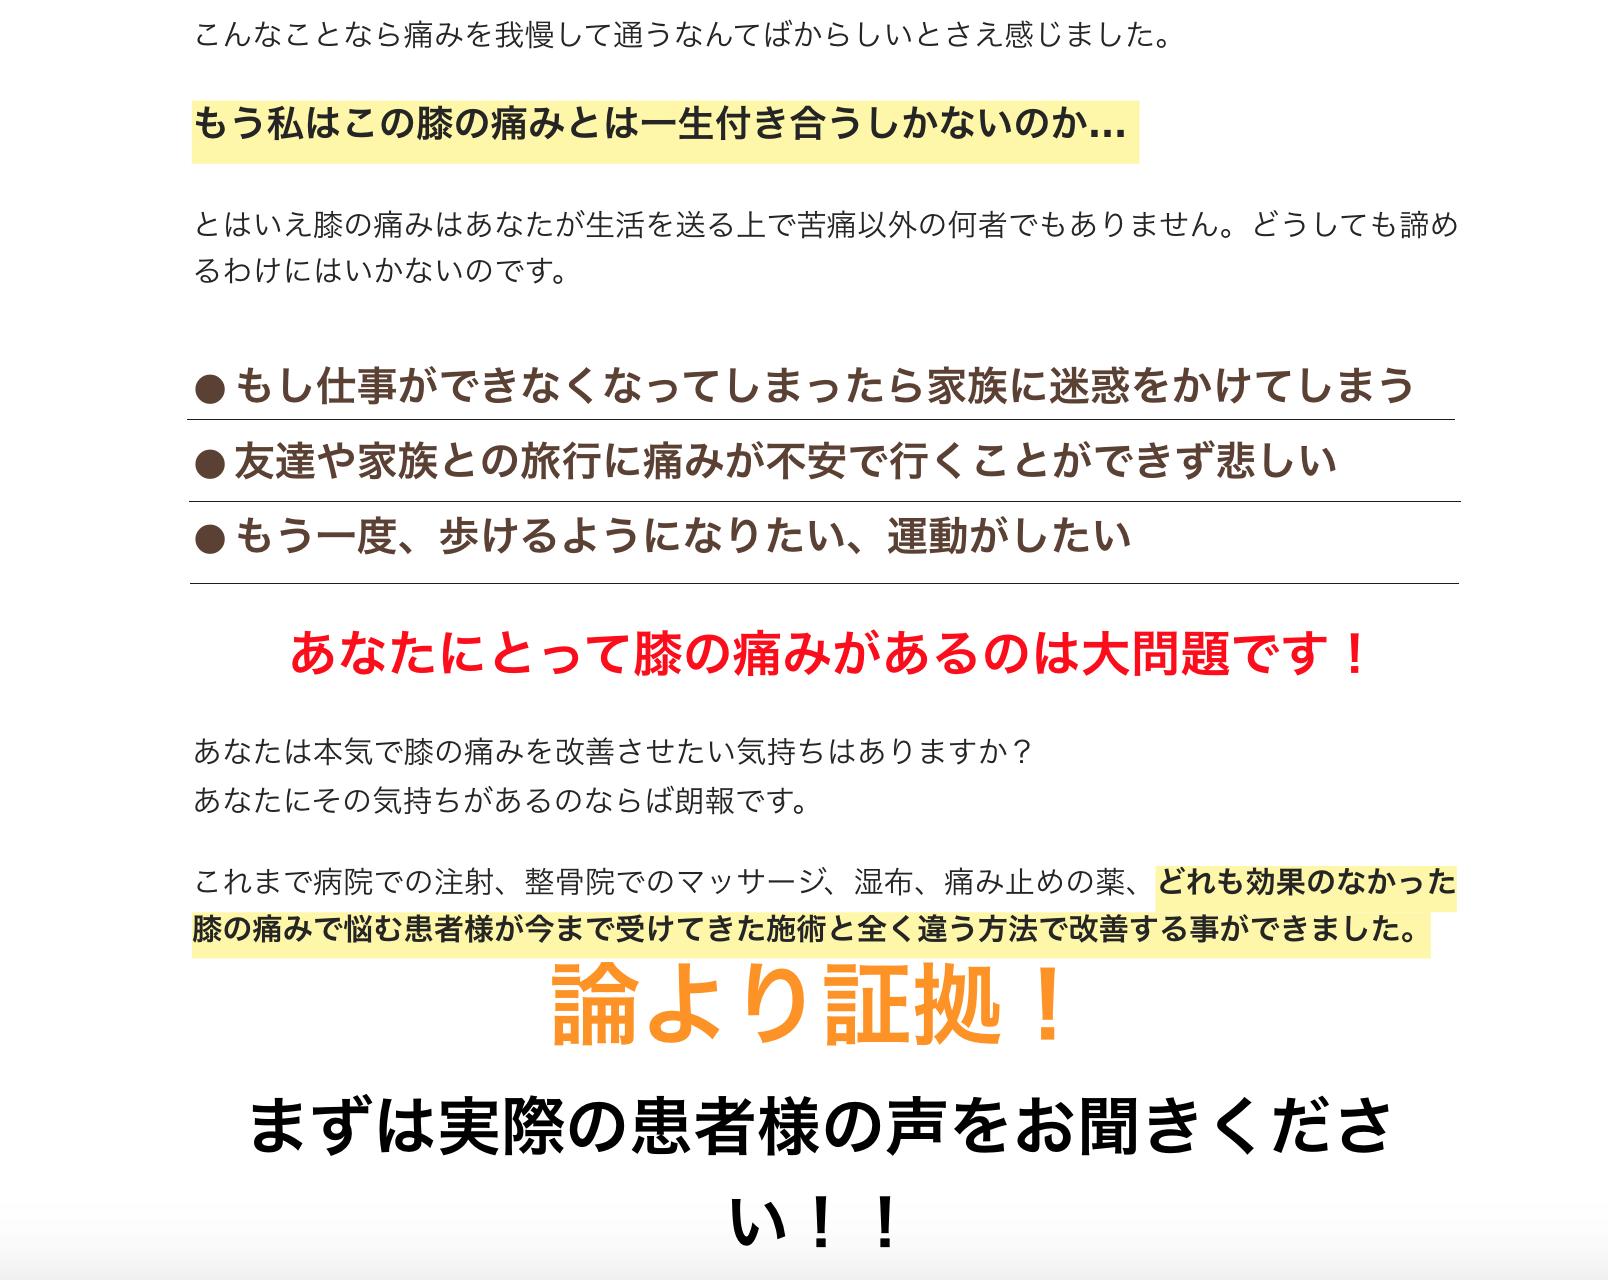 スクリーンショット 2019-05-30 12.11.47